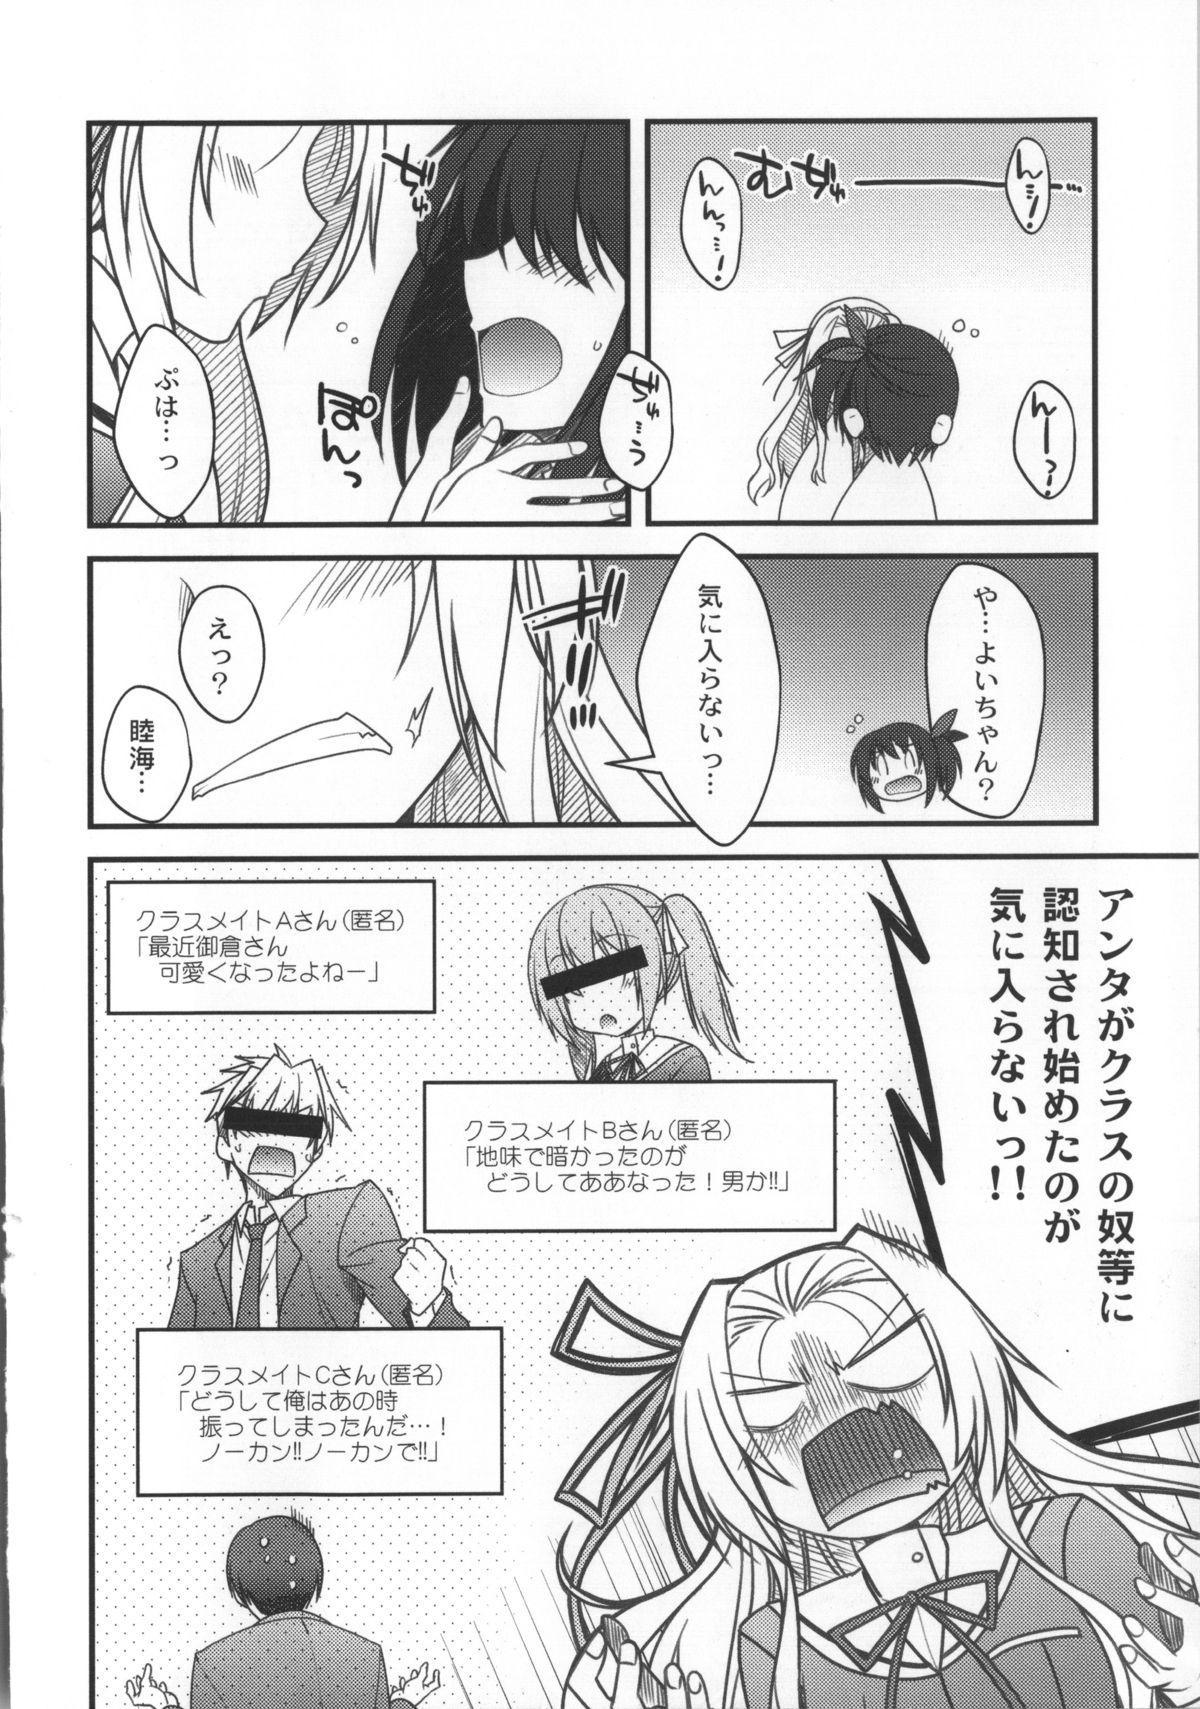 Yamato Nadeshiko Breast Changes 204